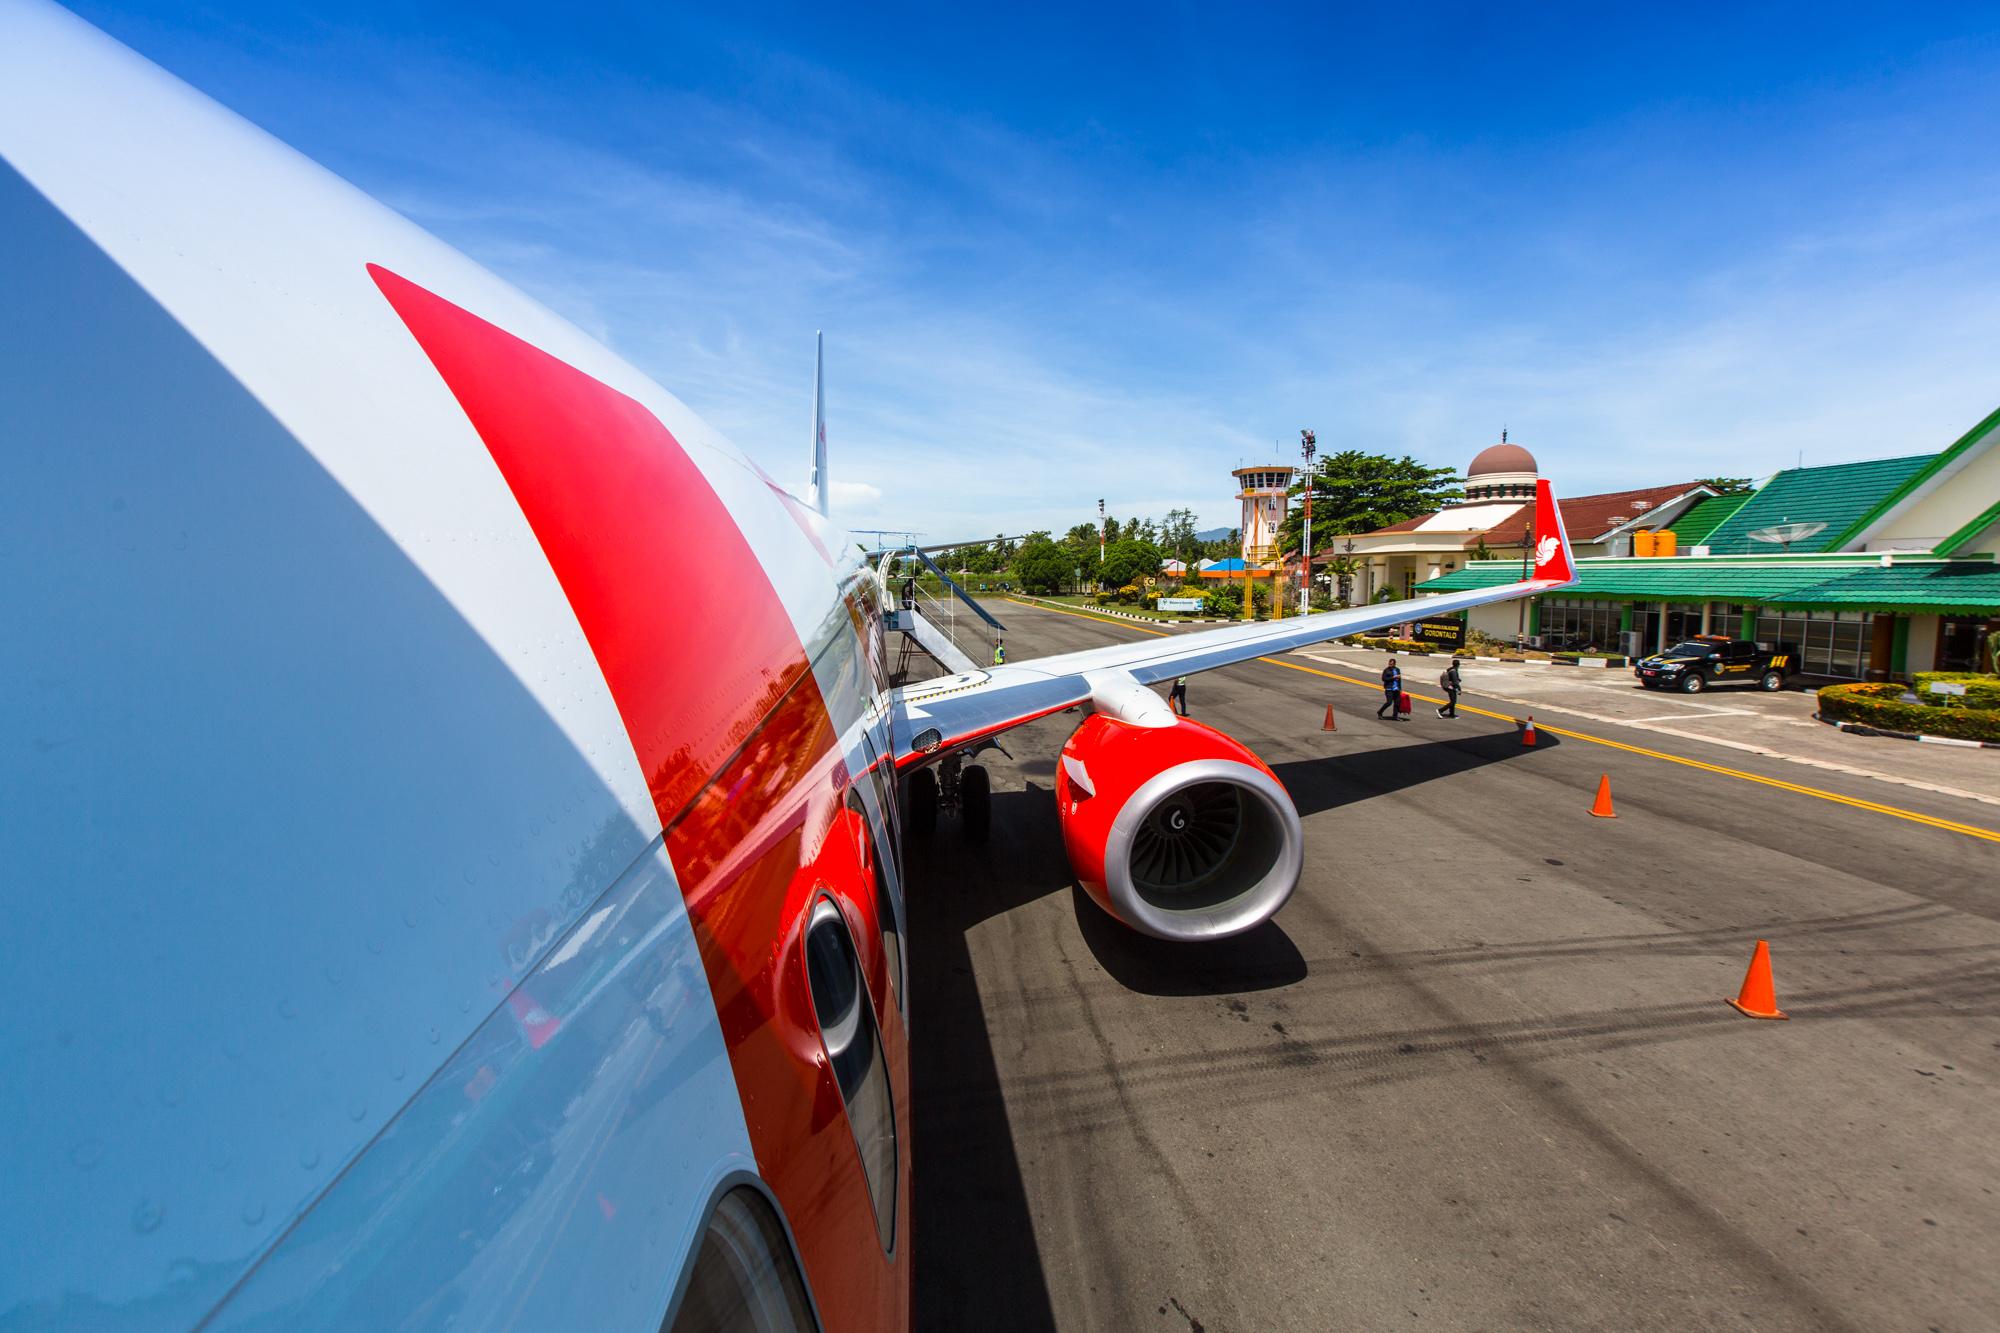 Lion Air – Jakarta to Gorontalo